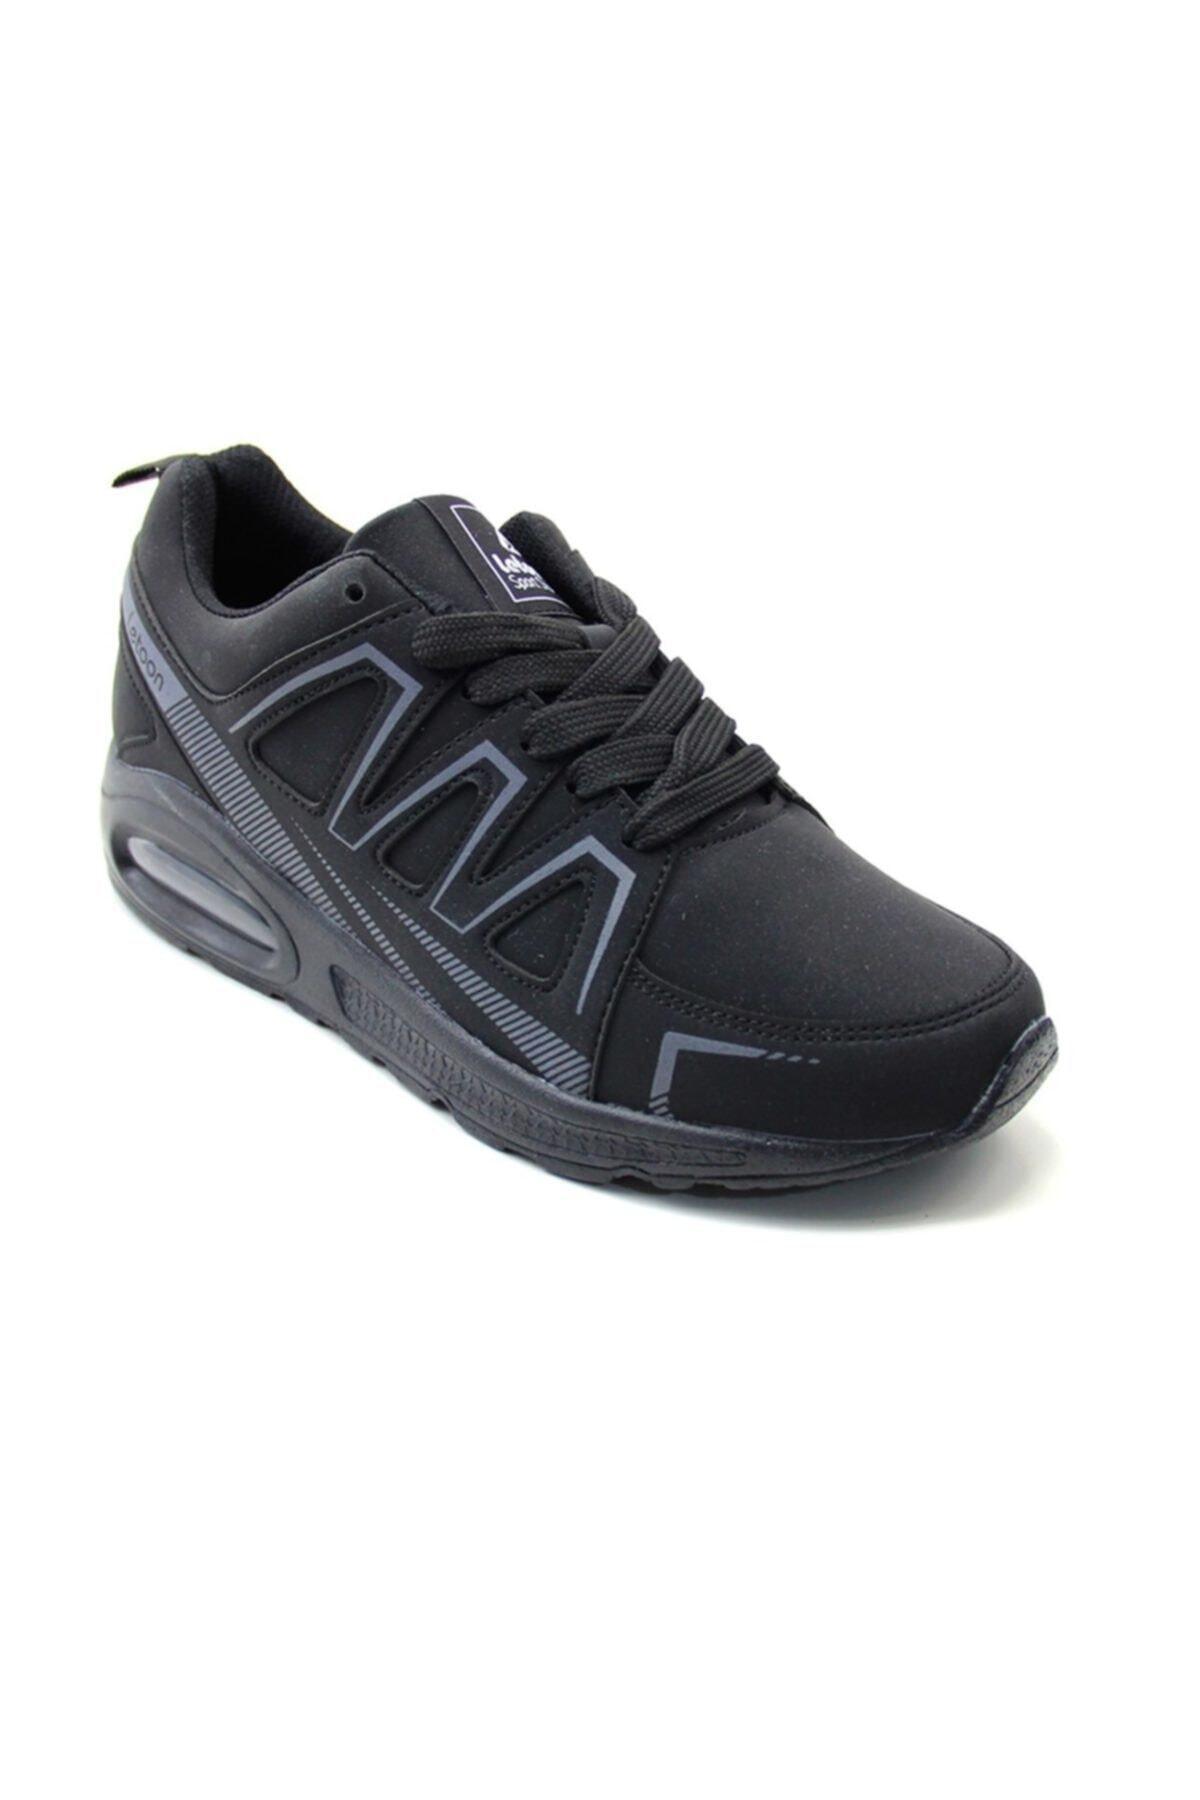 LETOON Erkek Airmax Spor Ayakkabı 5008 1